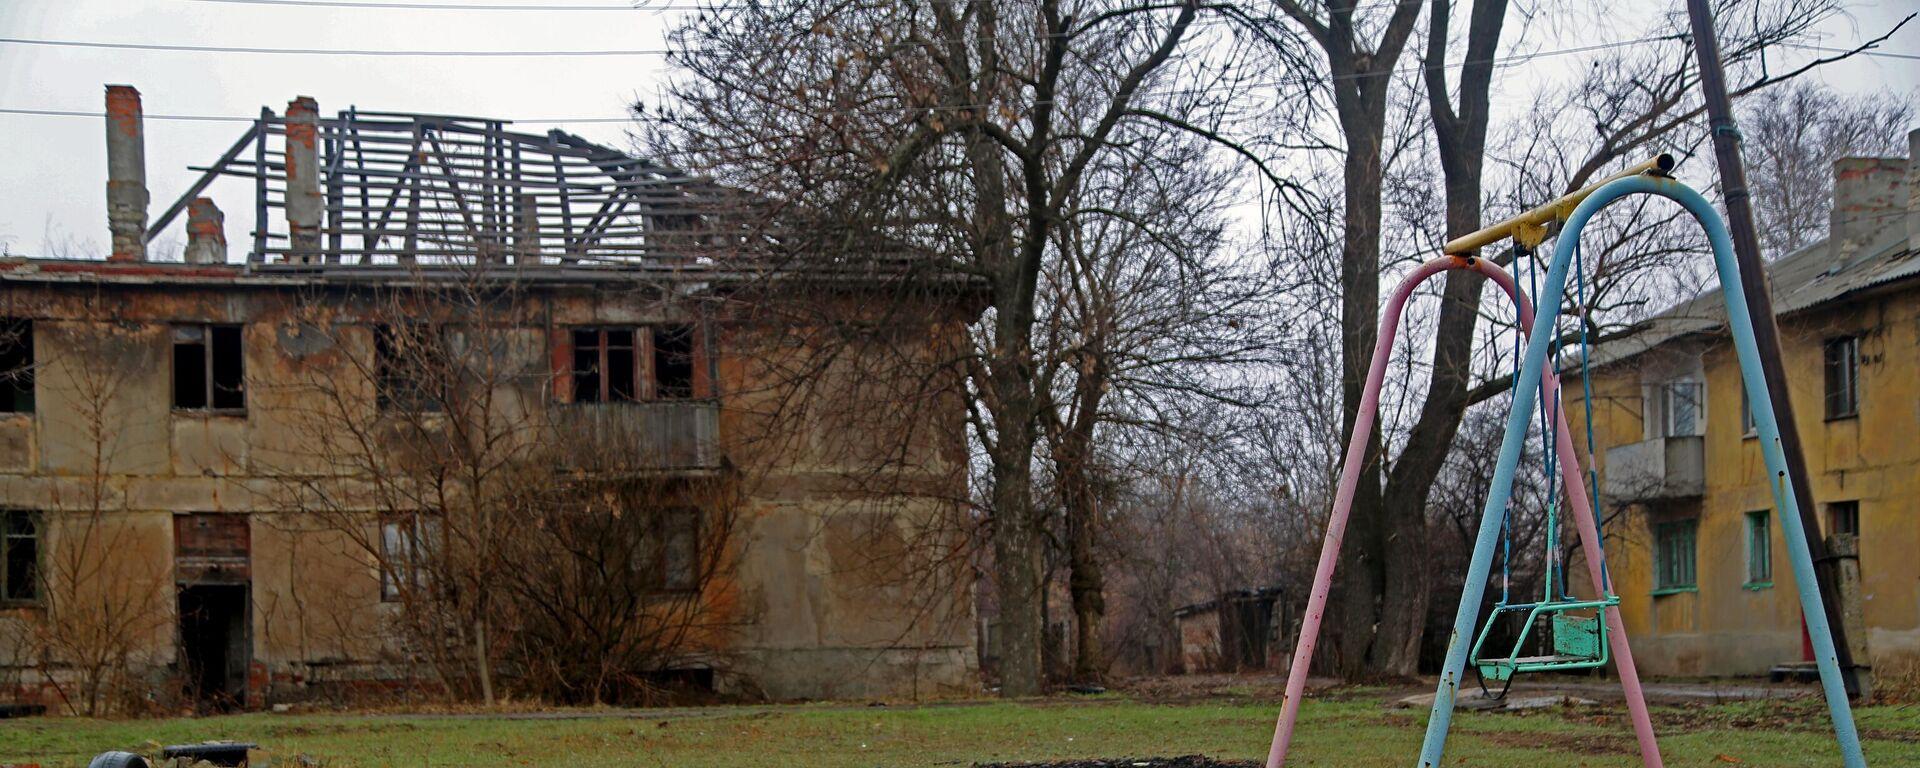 Eines der Häuser des Dorfes Glubokaja im Ort Gorlowka, das durch Beschuss ohne Dach und schließlich ohne Mieter geblieben ist. Das Dorf liegt neben der Kontaktlinie in der Region Donezk. April 2021 - SNA, 1920, 11.04.2021